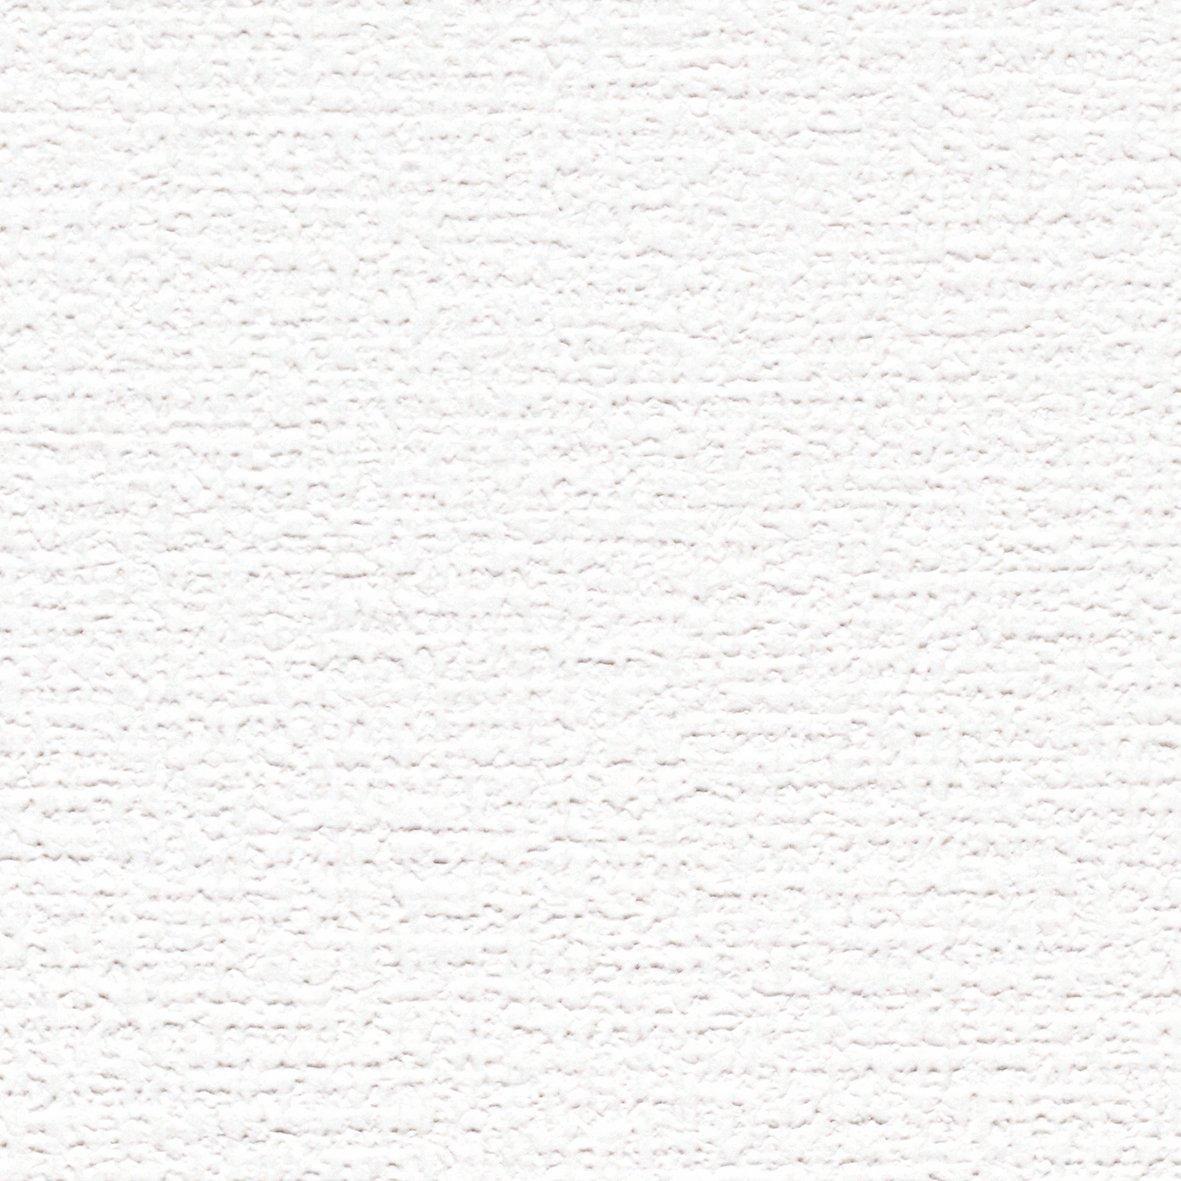 リリカラ 壁紙41m シンフル 織物調 ホワイト 織物調 LB-9023 B01IHSOR7I 41m